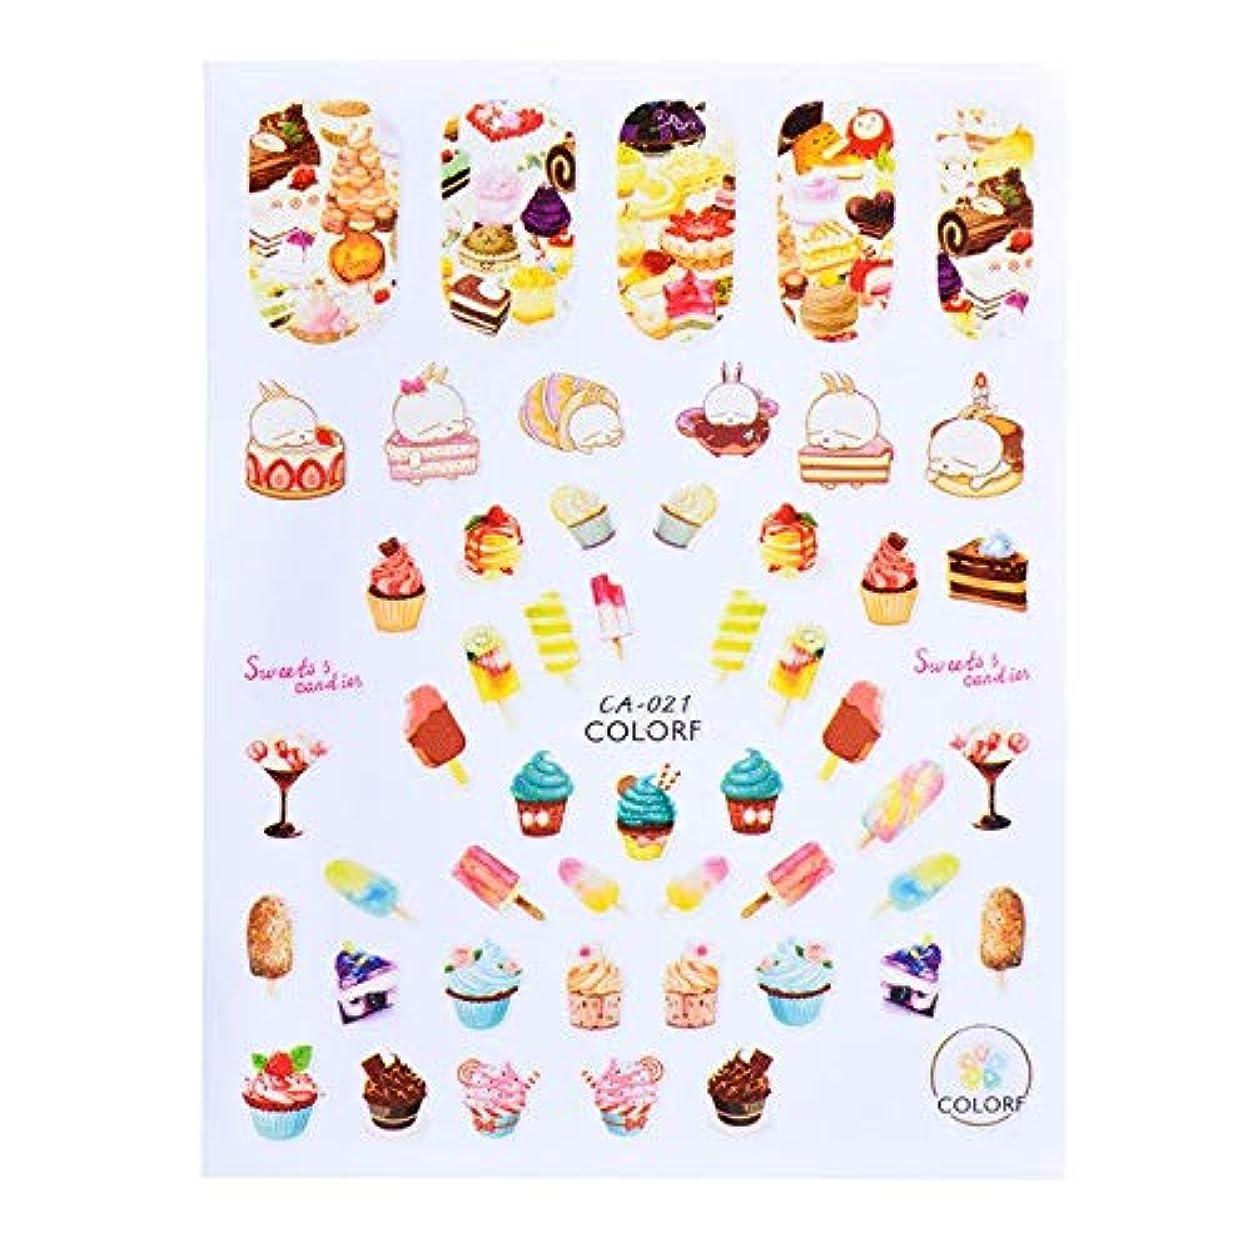 かけるショッピングセンター容赦ないSUKTI&XIAO ネイルステッカー 1ピースカラフルなケーキアイスクリームジュースフルーツネイルアートステッカーデカールdiyのヒントラップマニキュアスライダー装飾3dツール